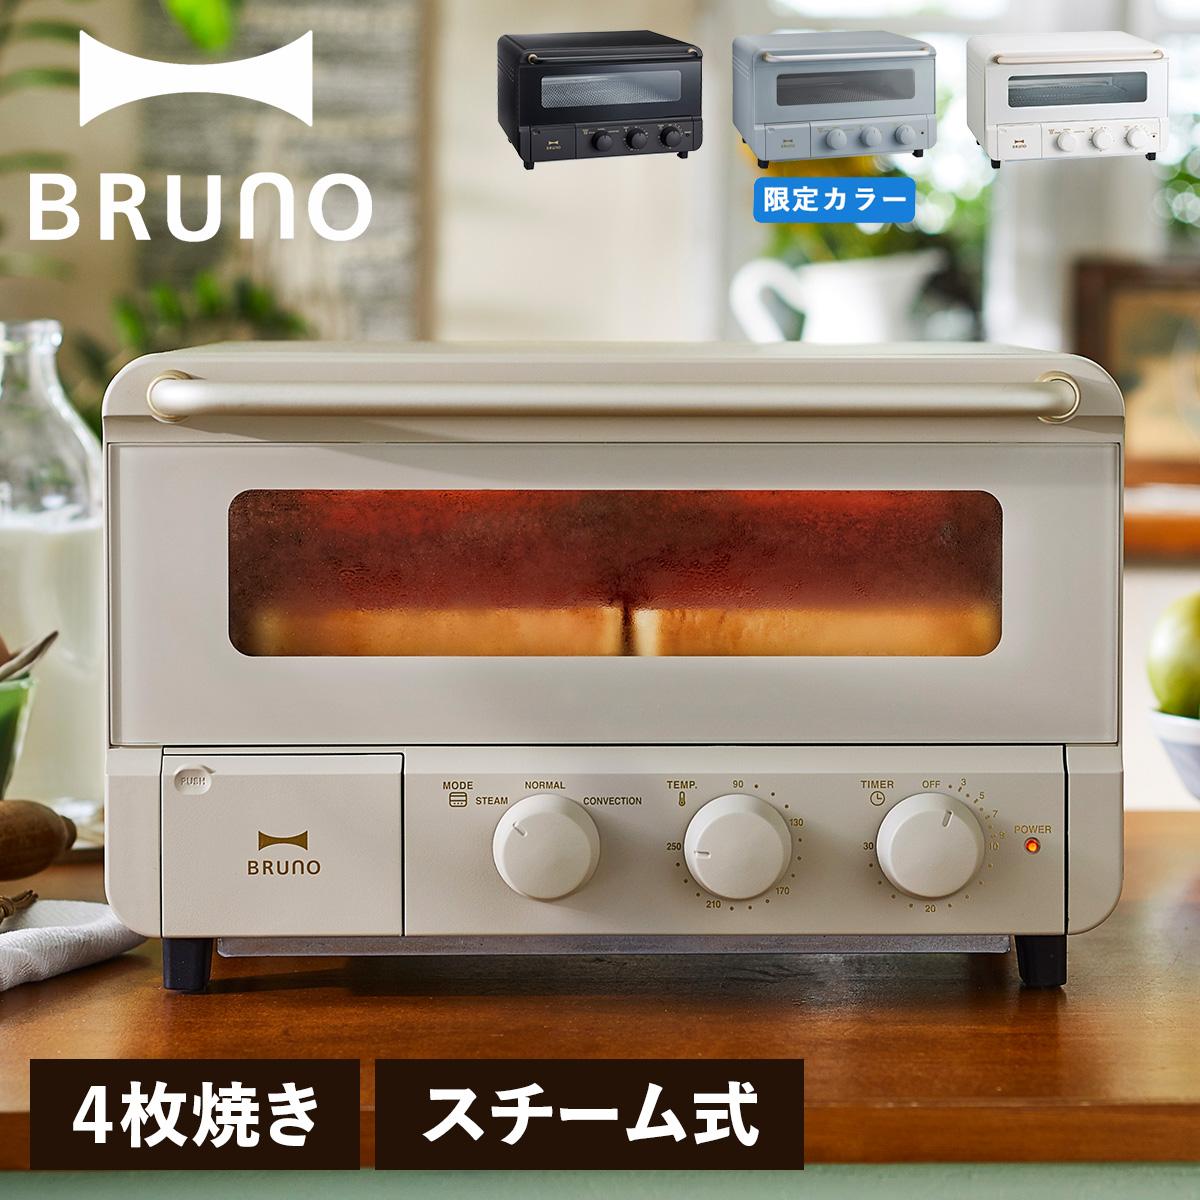 送料無料 ブルーノ BRUNO トースター 4枚 オーブントースター スチーム ベイク コンベクション 揚げ物 蒸気 新色追加して再販 ノンフライ 予約 ブラック 2月下旬 クラッシー 追加入荷予定 グレージュ BOE067 家電 食パン 黒 激安通販販売 クラッシィ